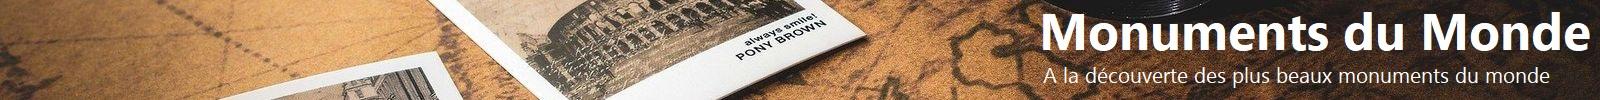 Bandeau sur le Colisée